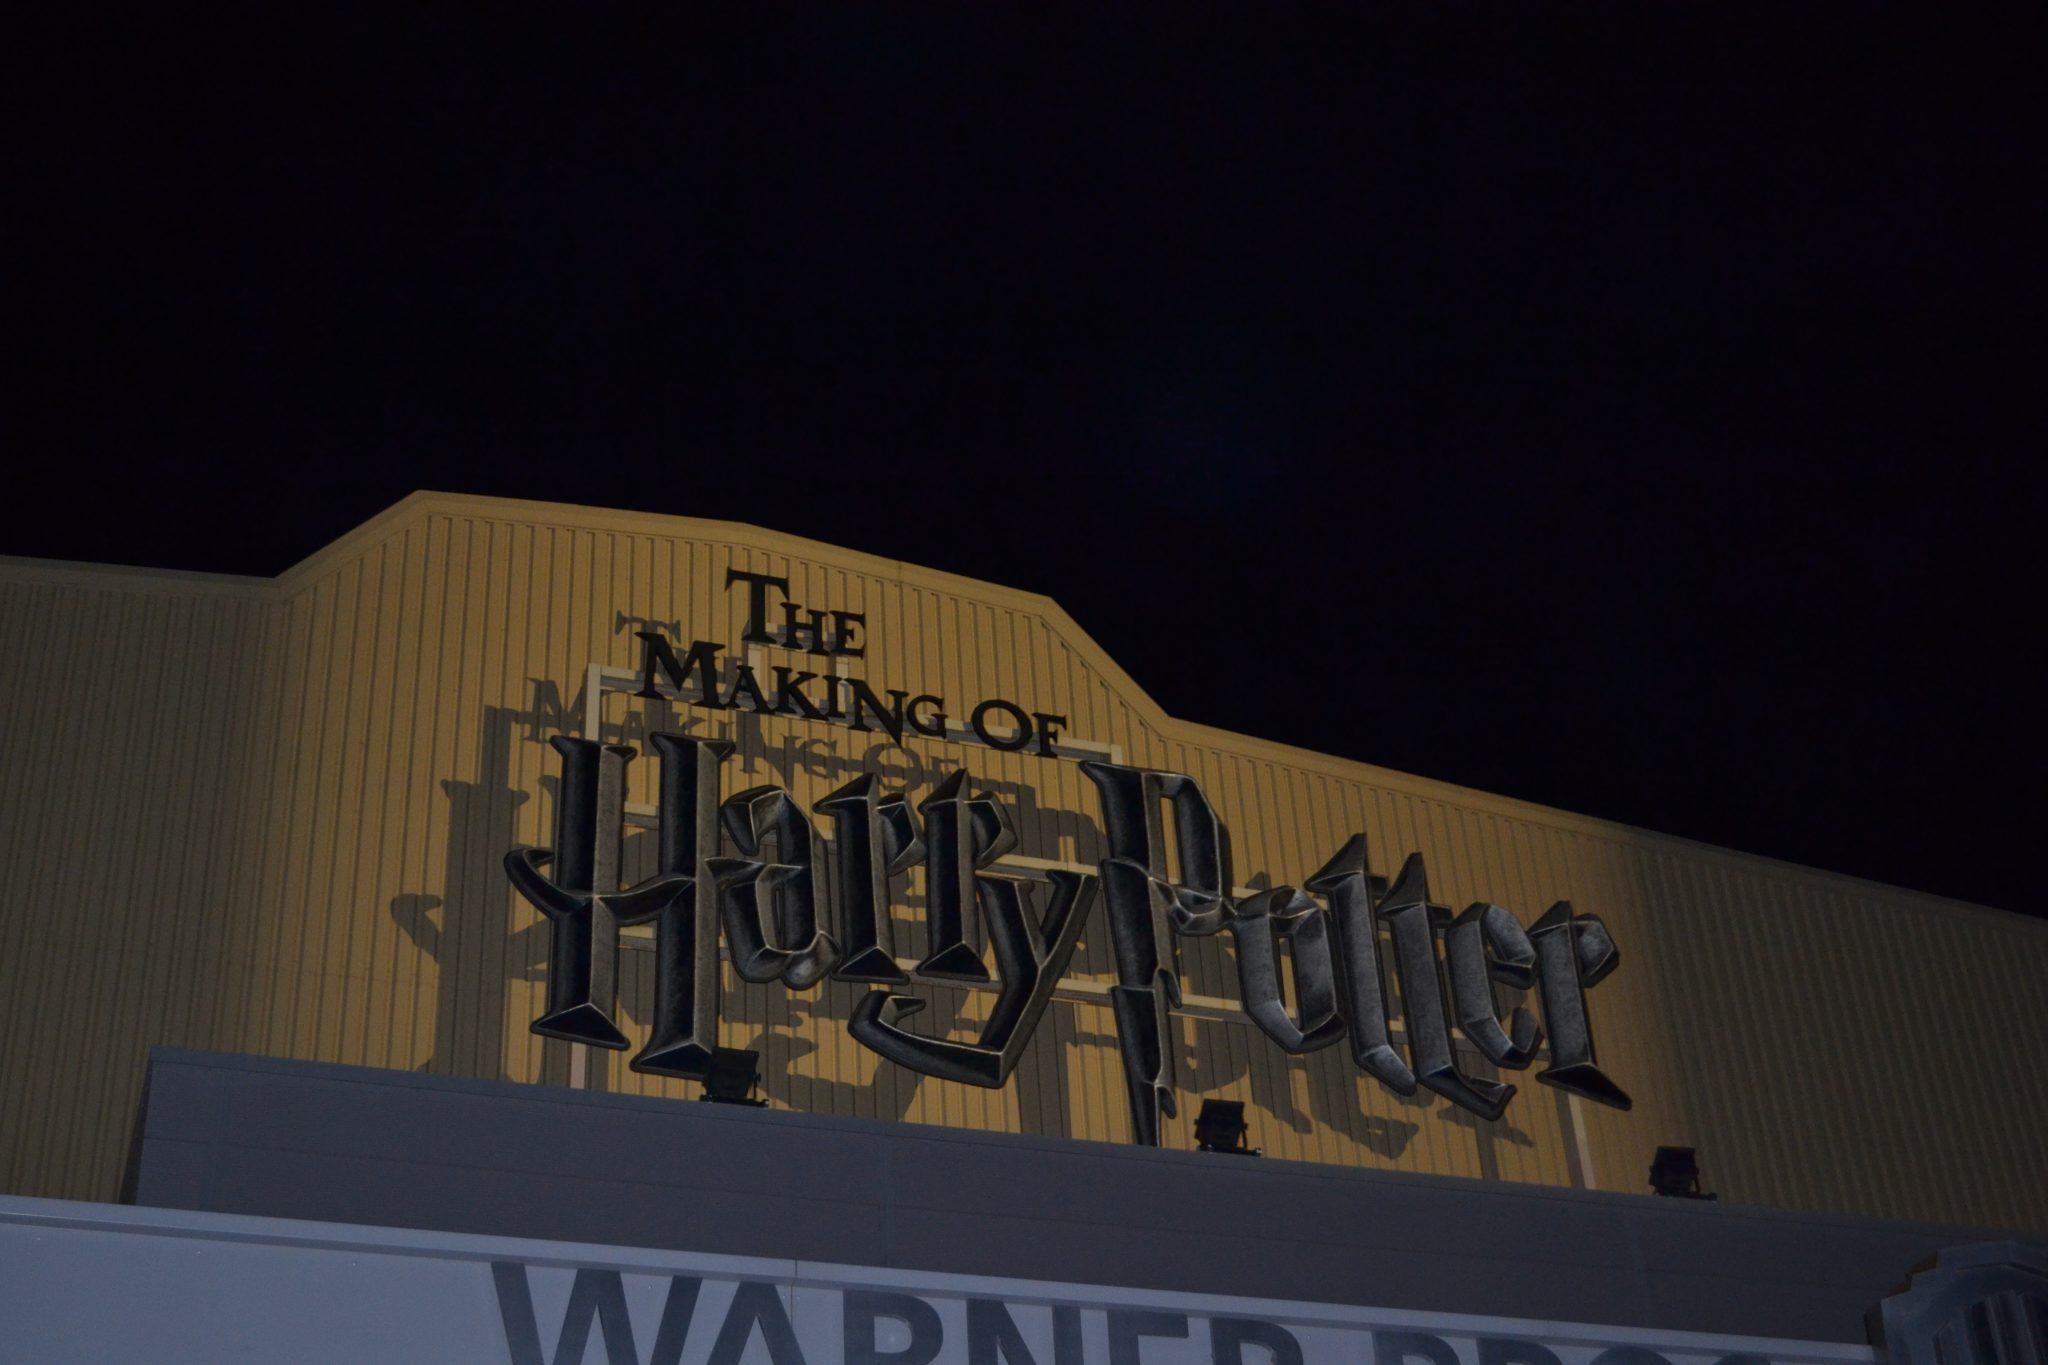 Travel Diary: London Part 1 | Harry Potter Studio Tour - DSC 0003